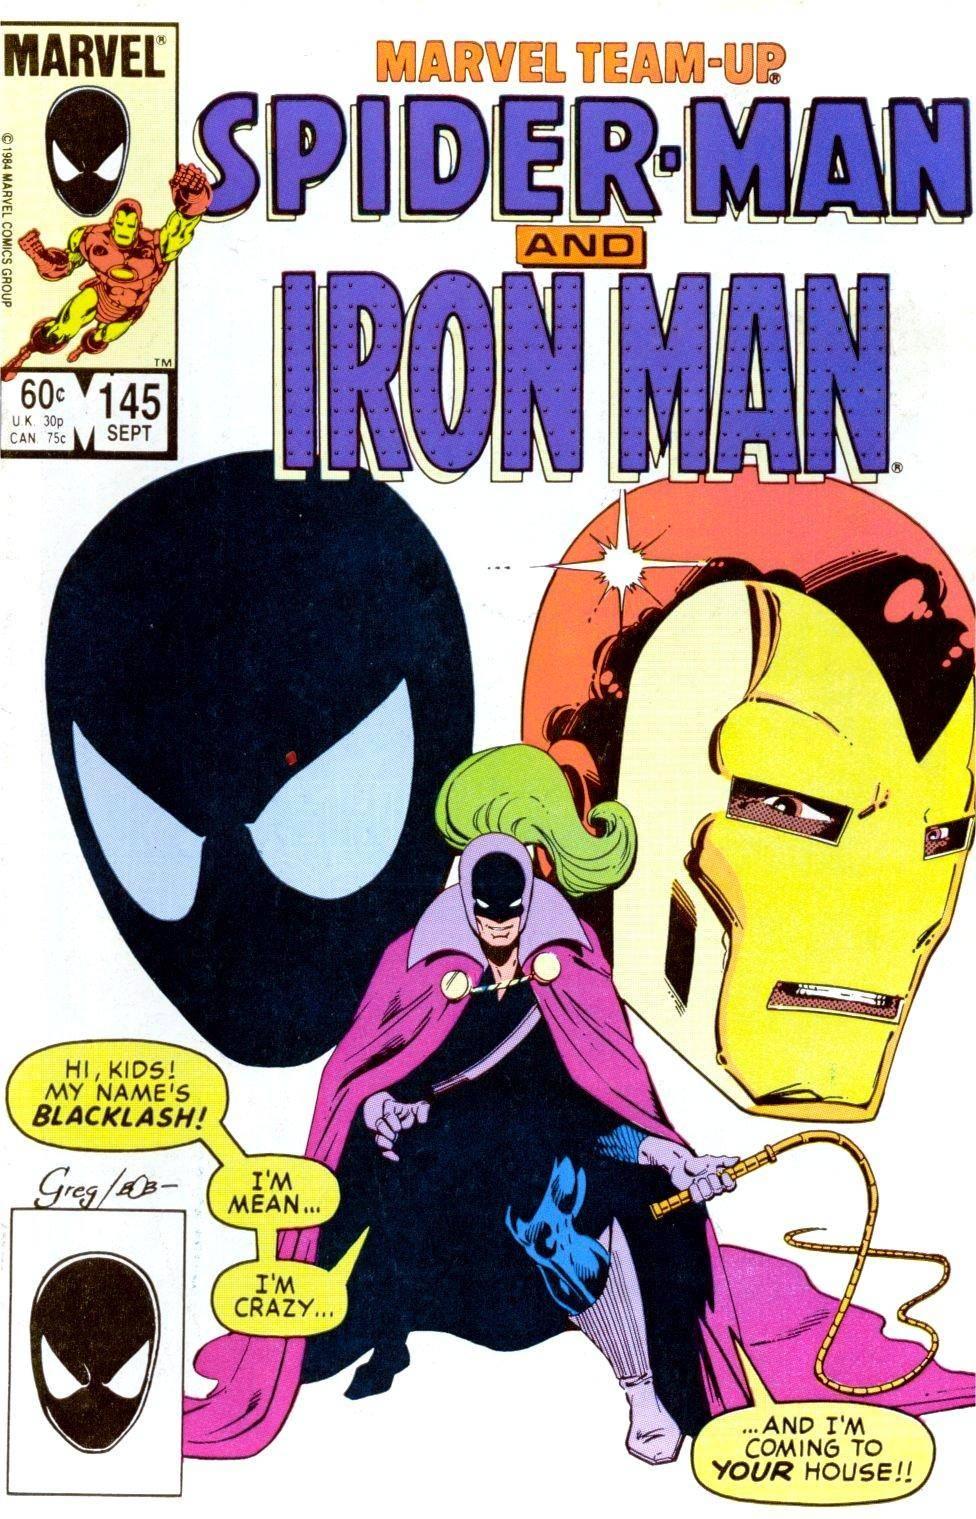 Marvel Team-Up v1 145 1984